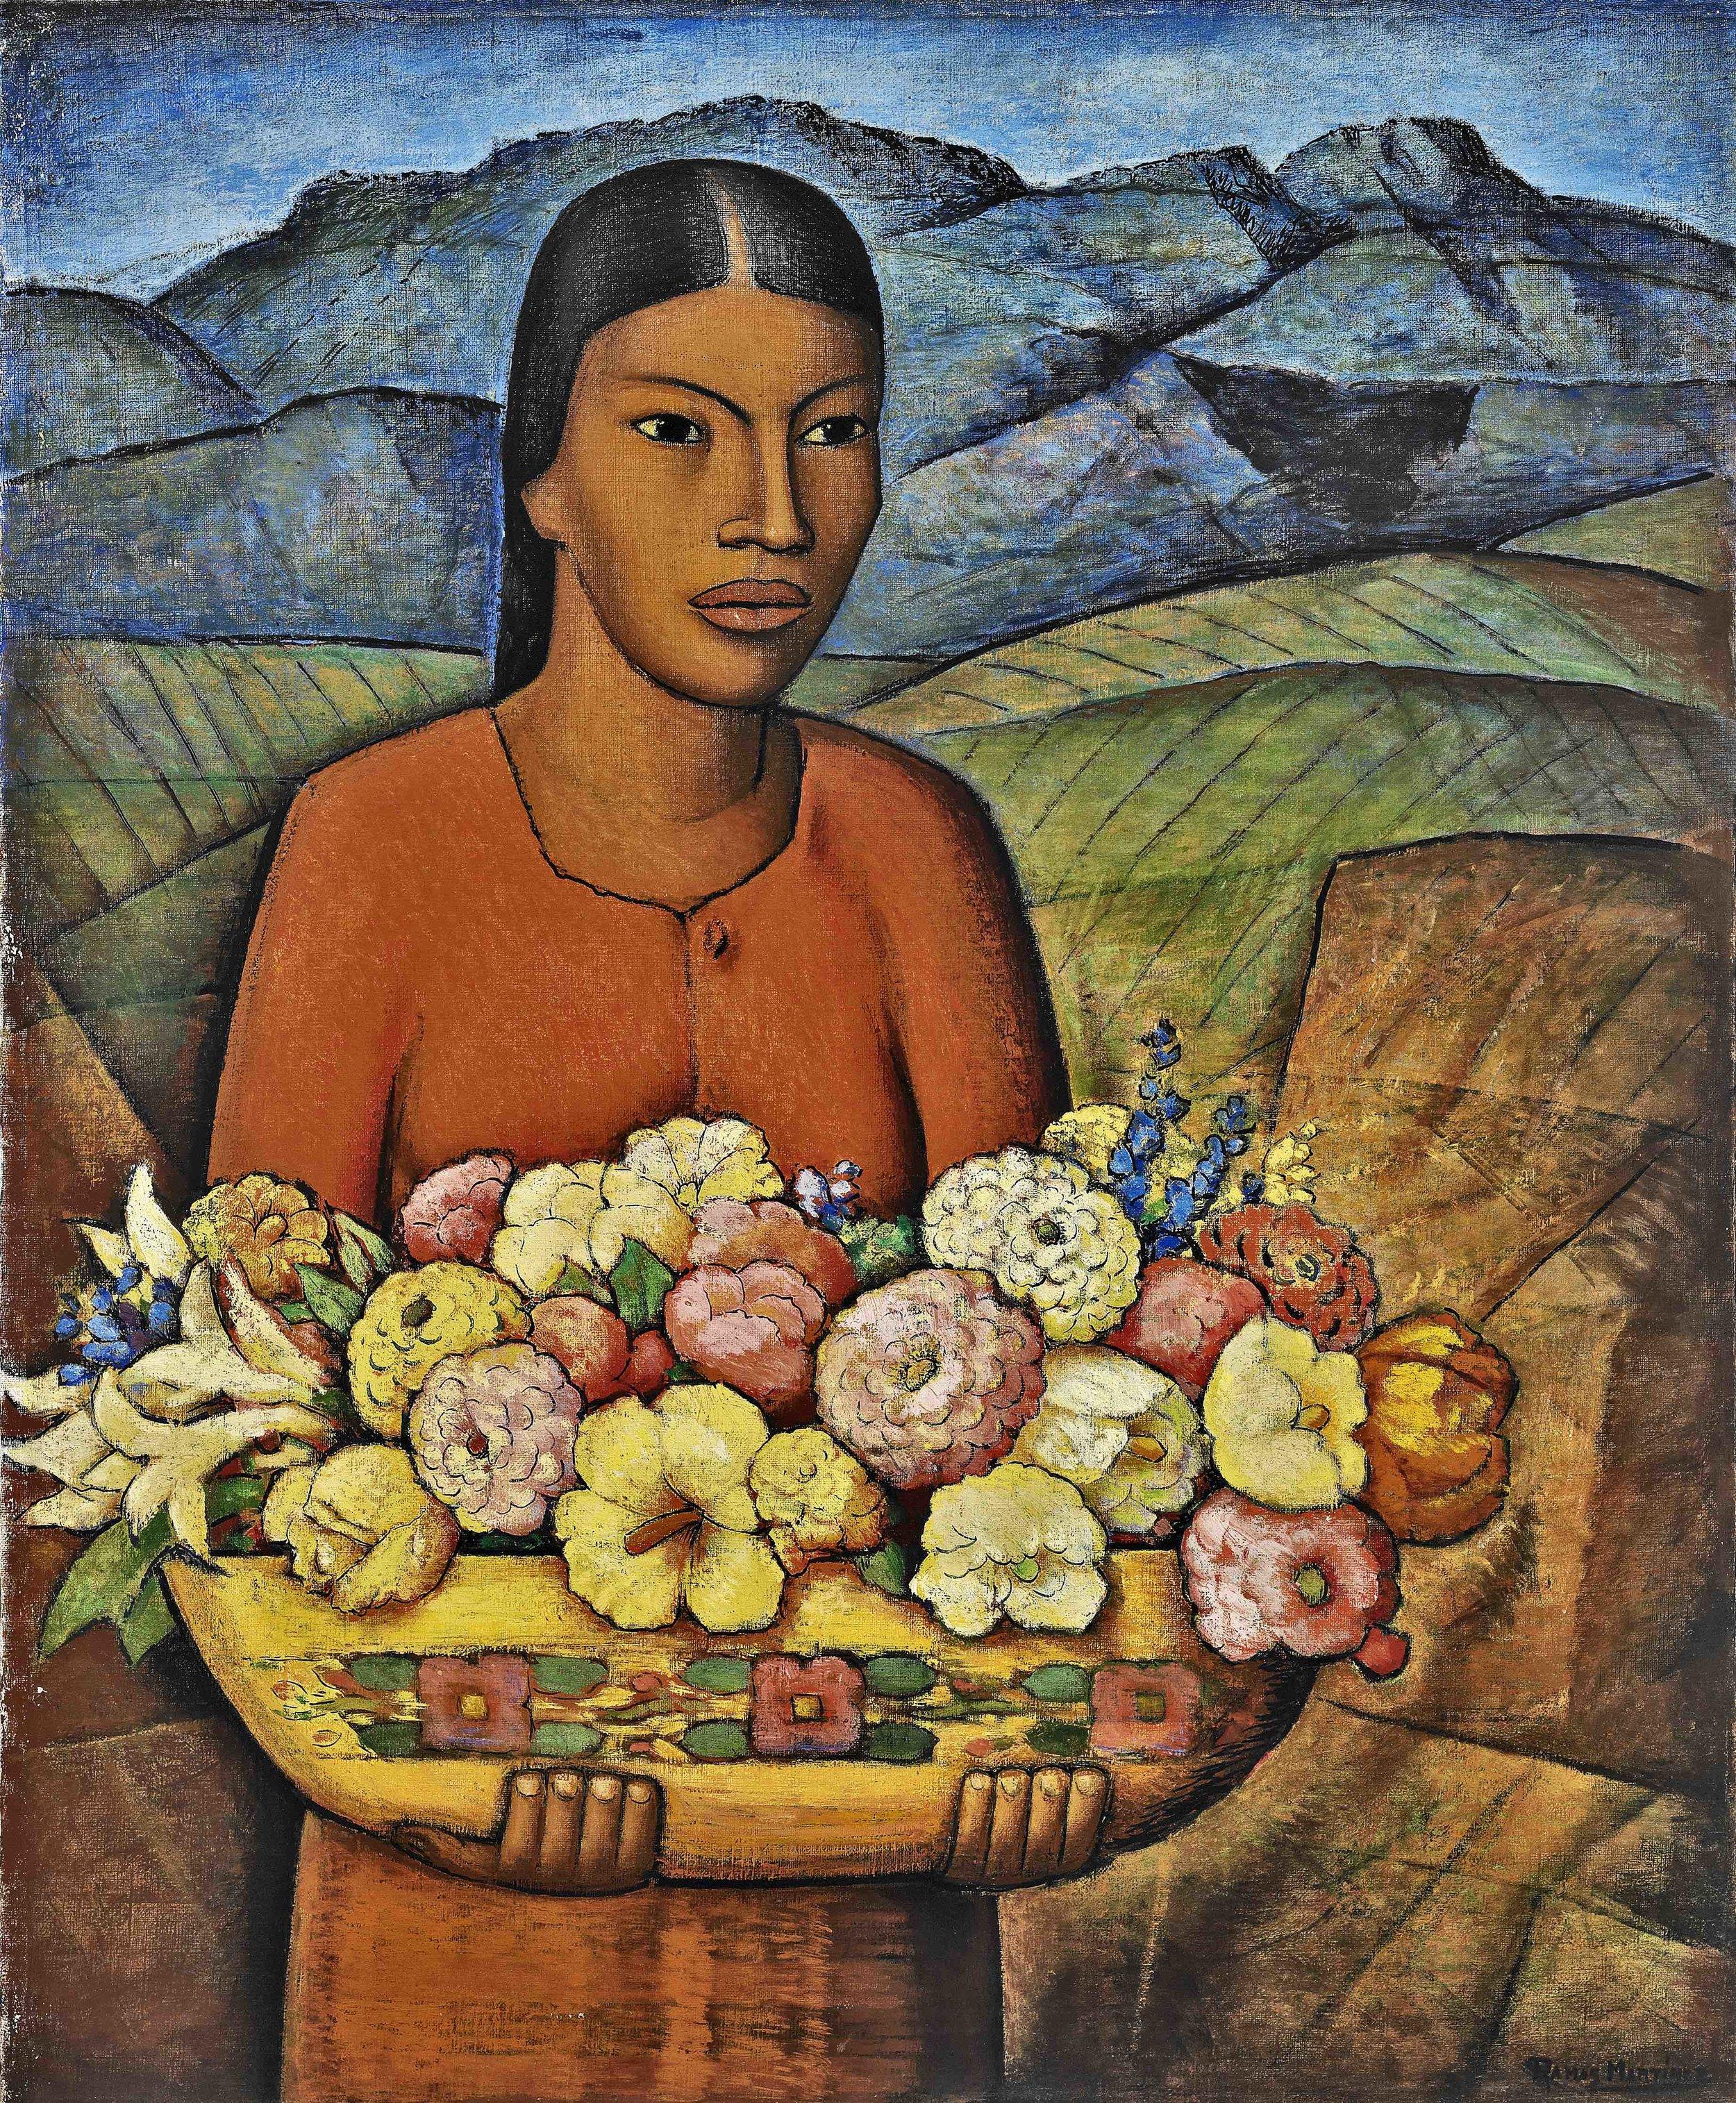 Florida Mexicana  ca. 1936 oil on canvas / óleo sobre tela 36 x 30 inches / 91.4 x 76.2 centímetros Private collection